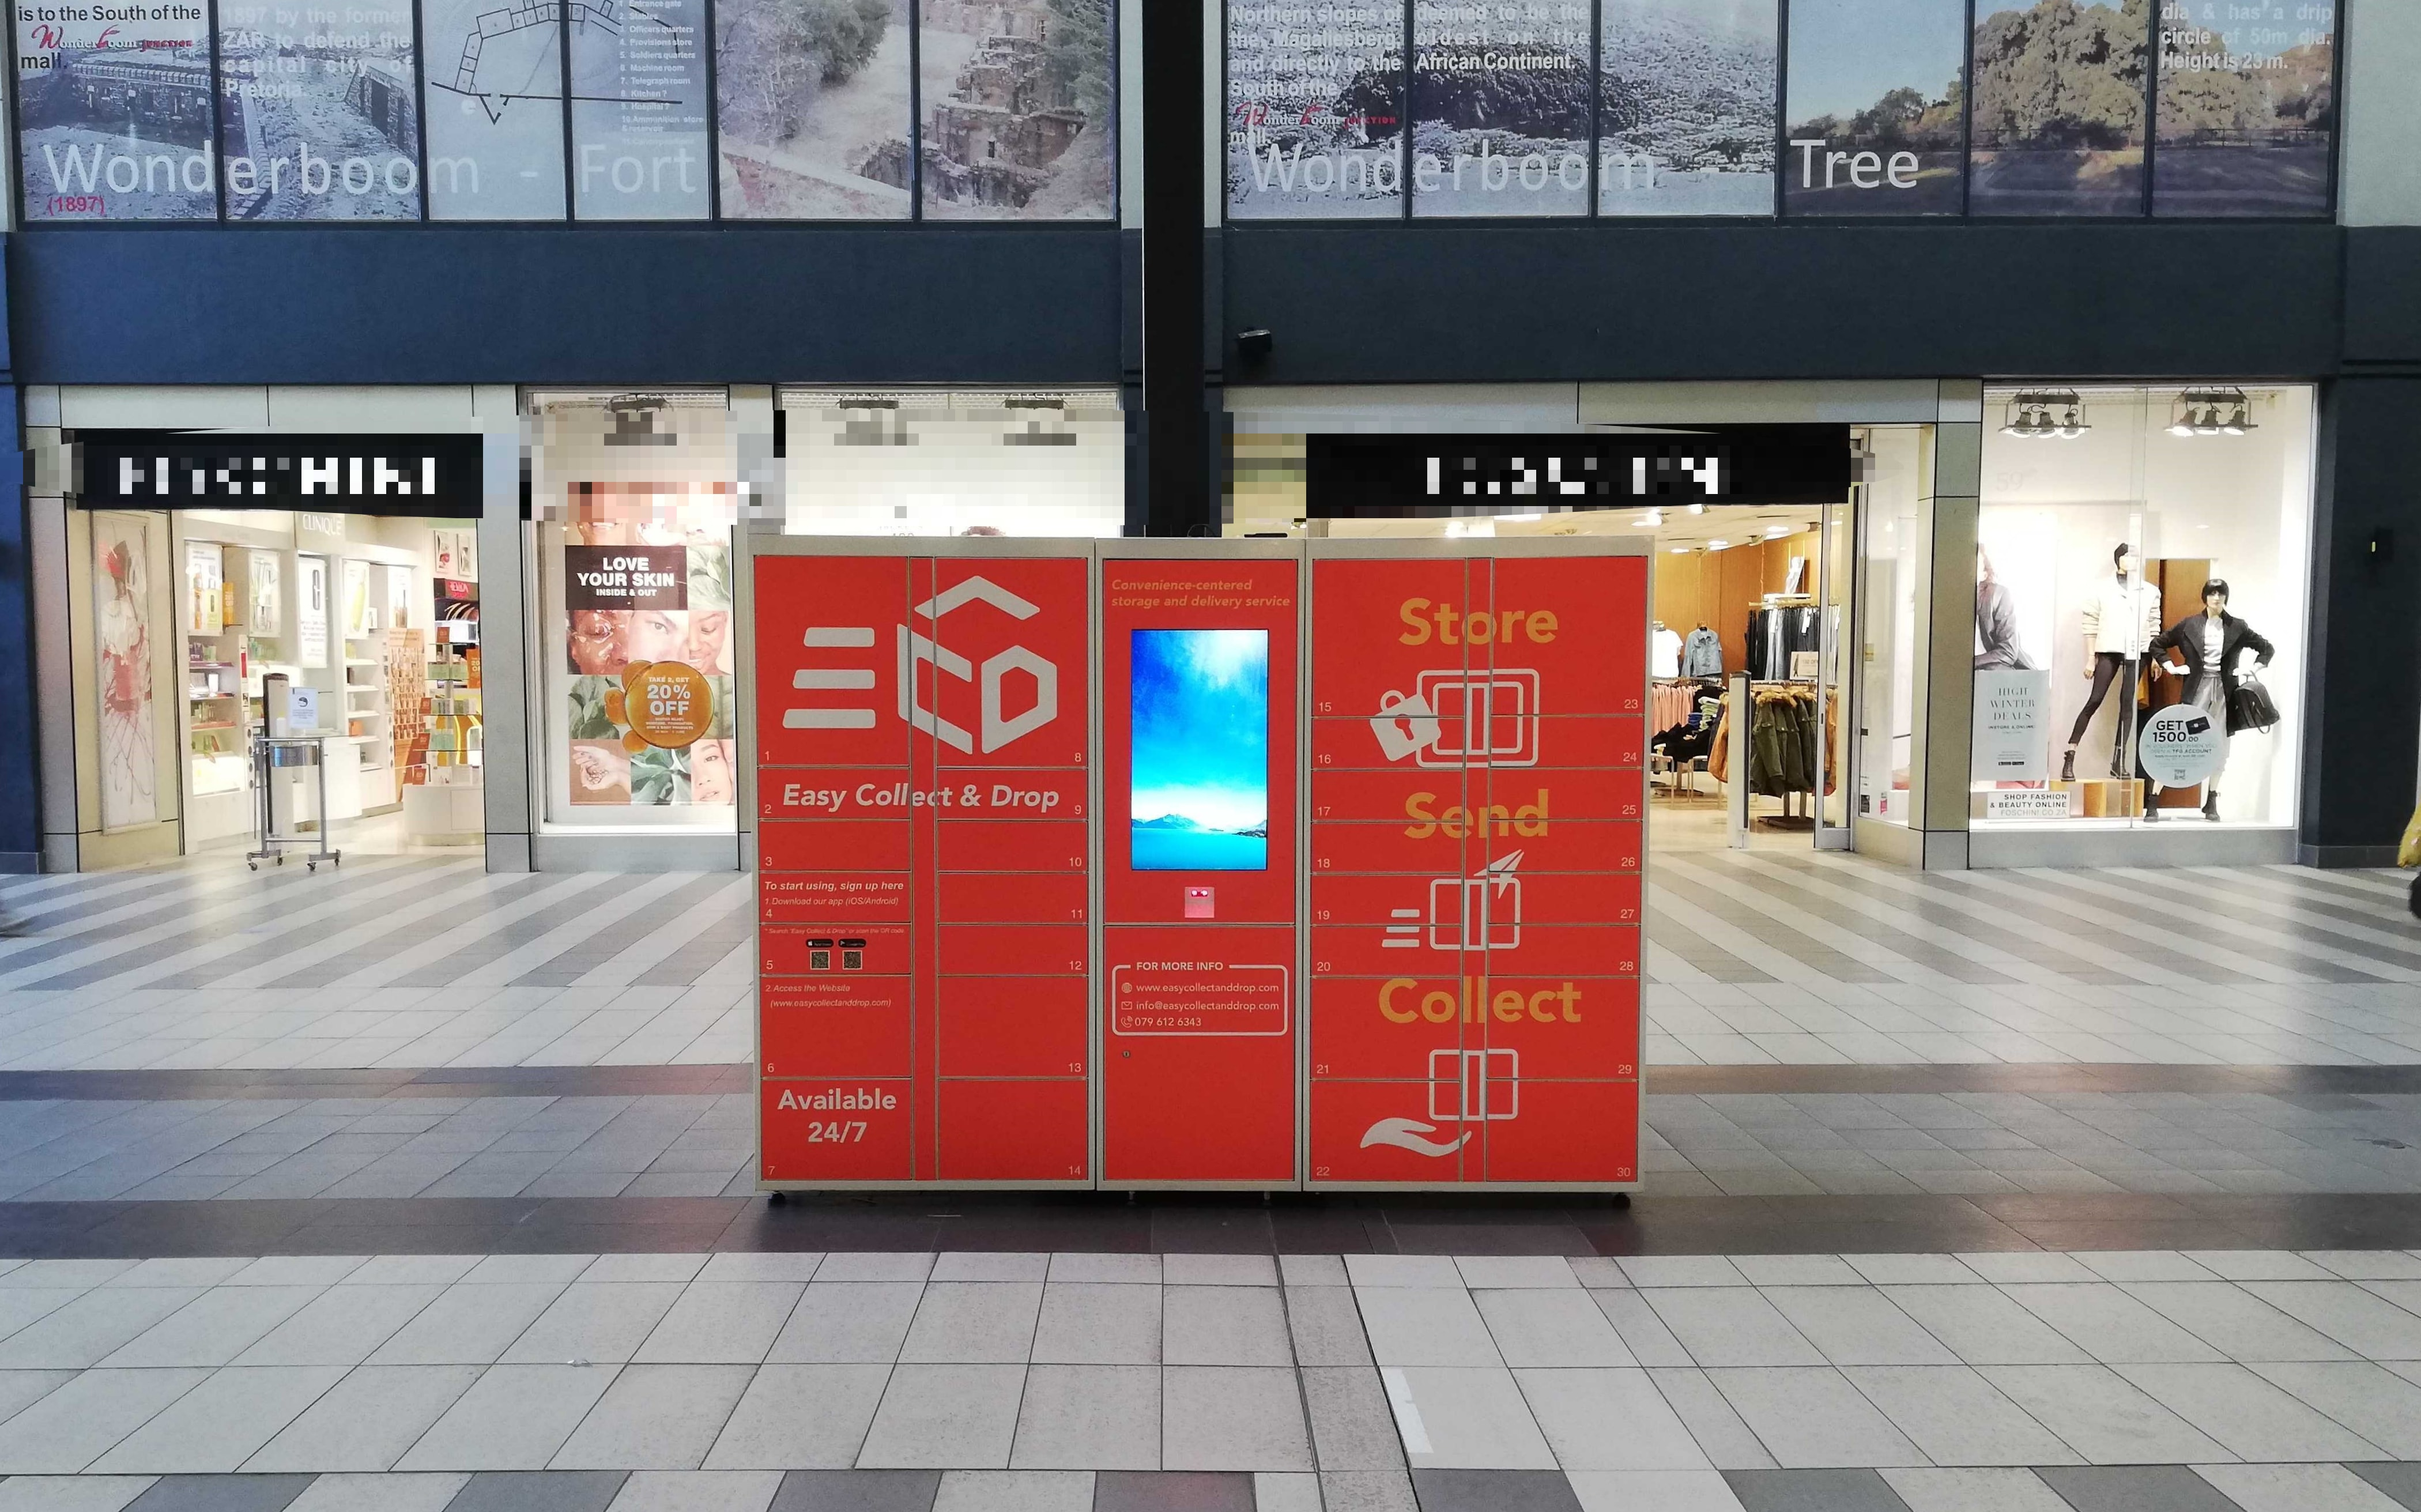 Wonderbroom junction mall ECD locker